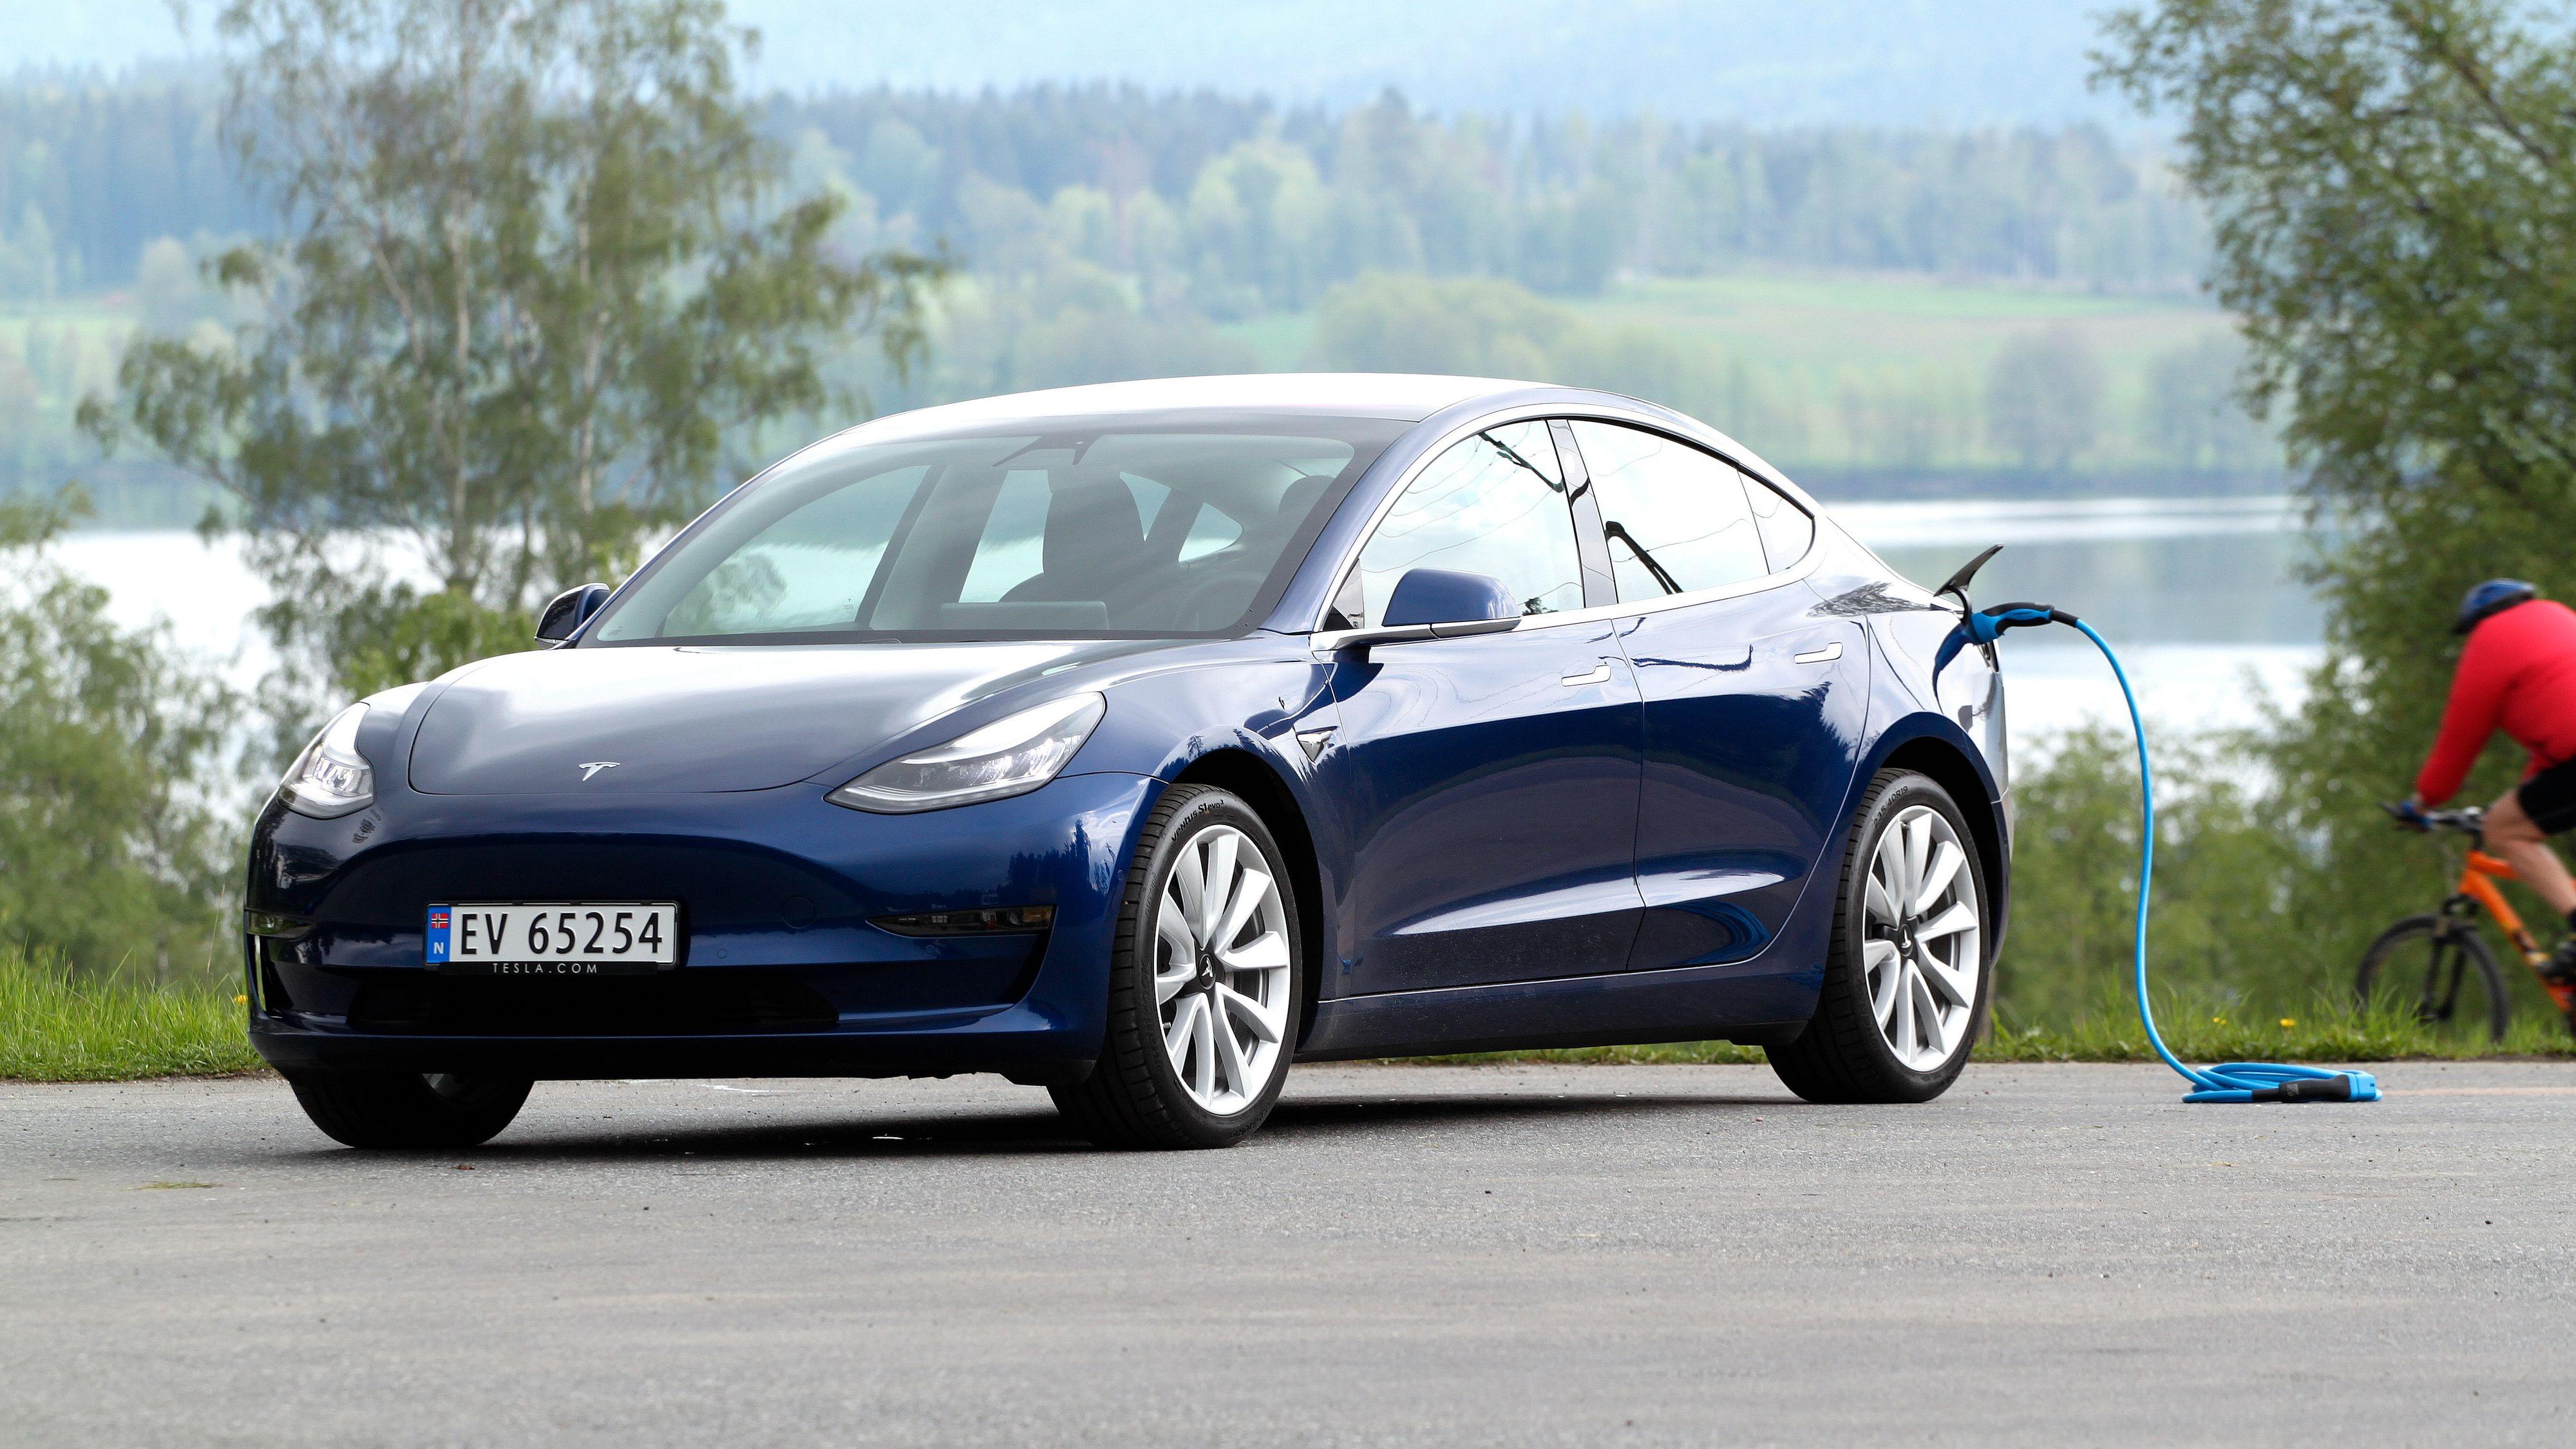 Tesla Model 3 får varmepumpe og nye hjul, blant annet. Det øker rekkevidden. Prisen settes også ned.